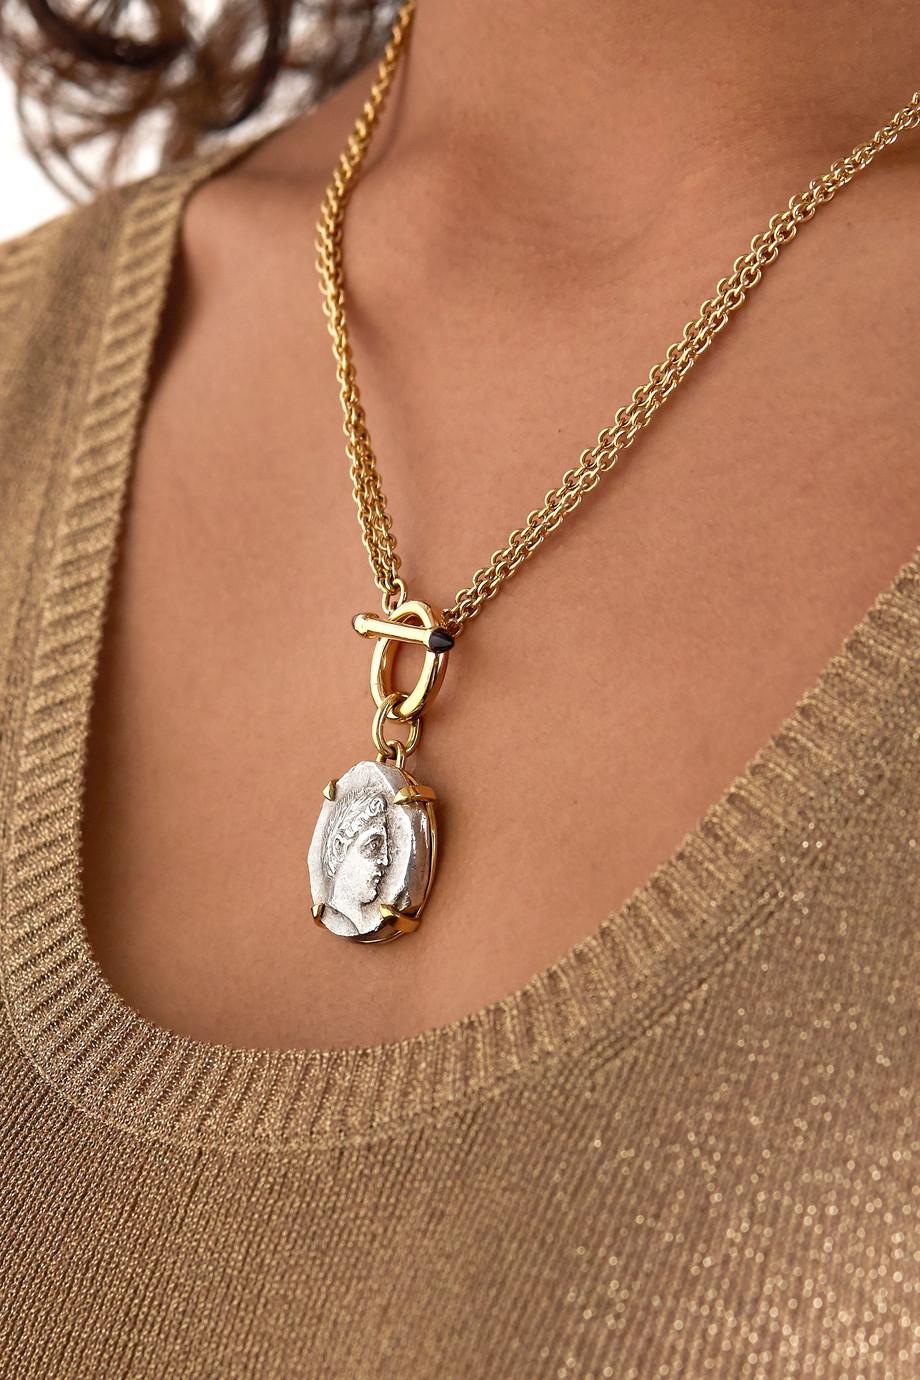 Dubini Apollo Kette aus 18 Karat Gold und Silber mit Rhodolithen